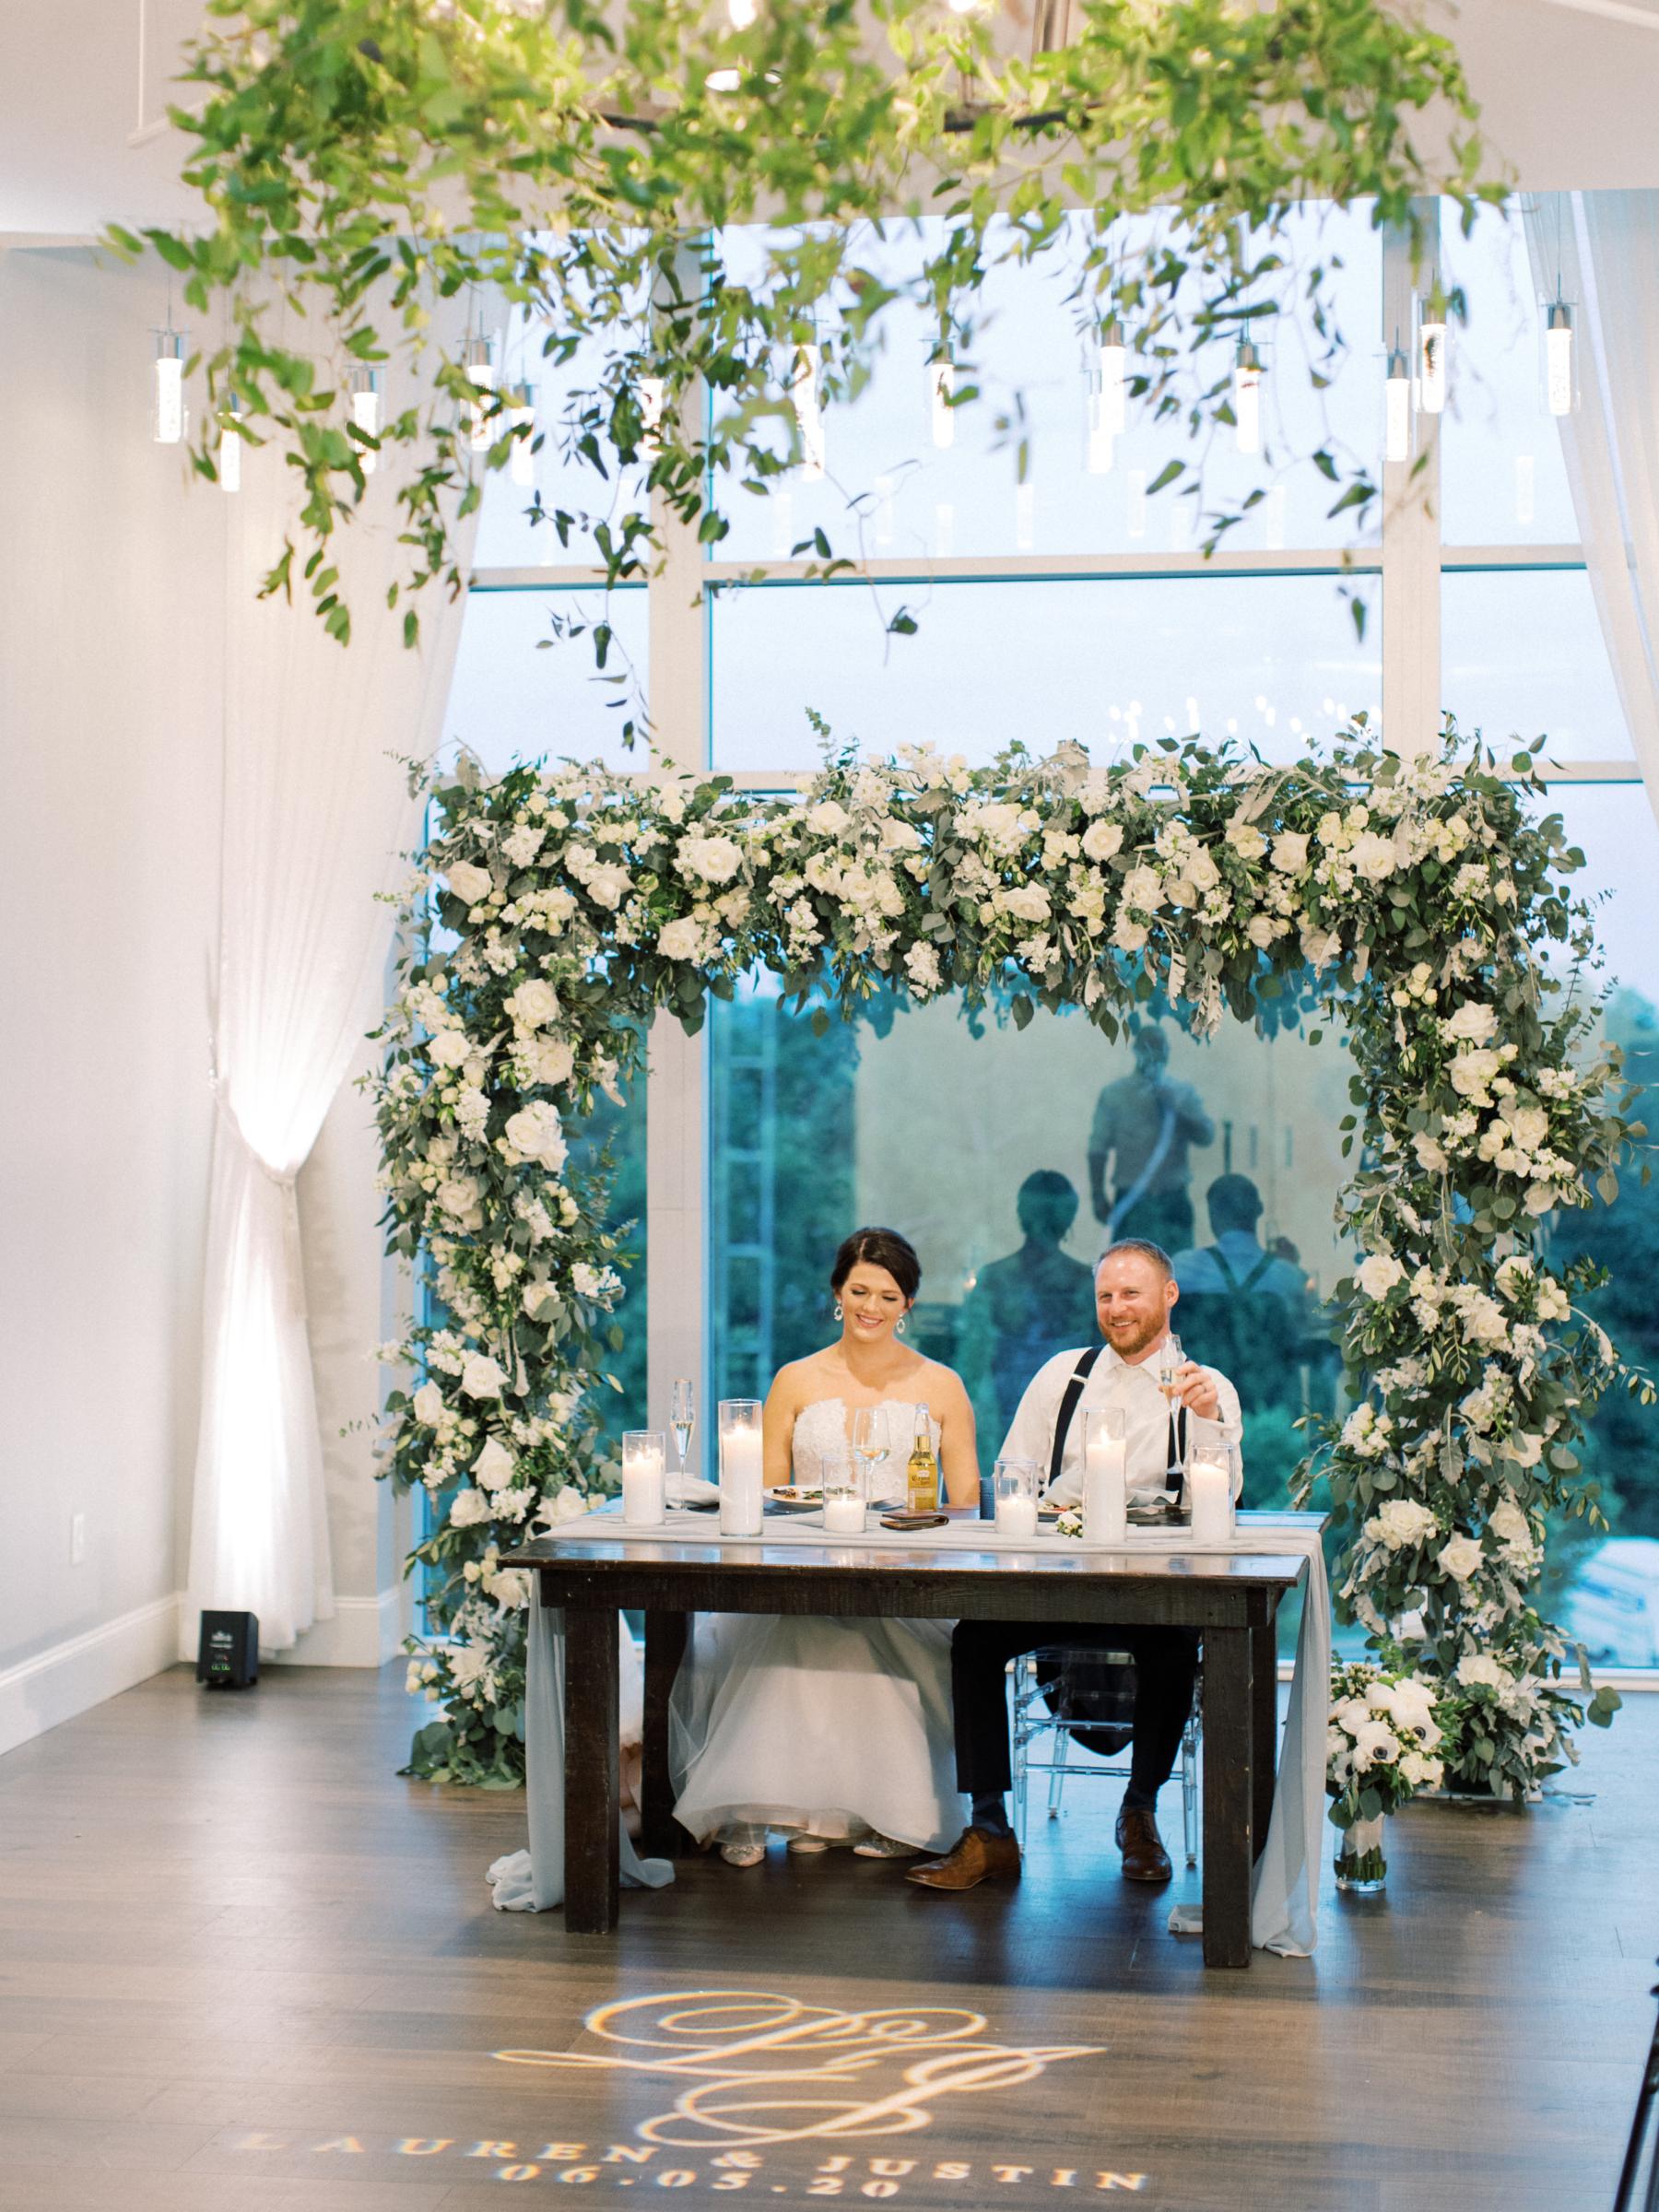 Amy & I Designs wedding floral arch